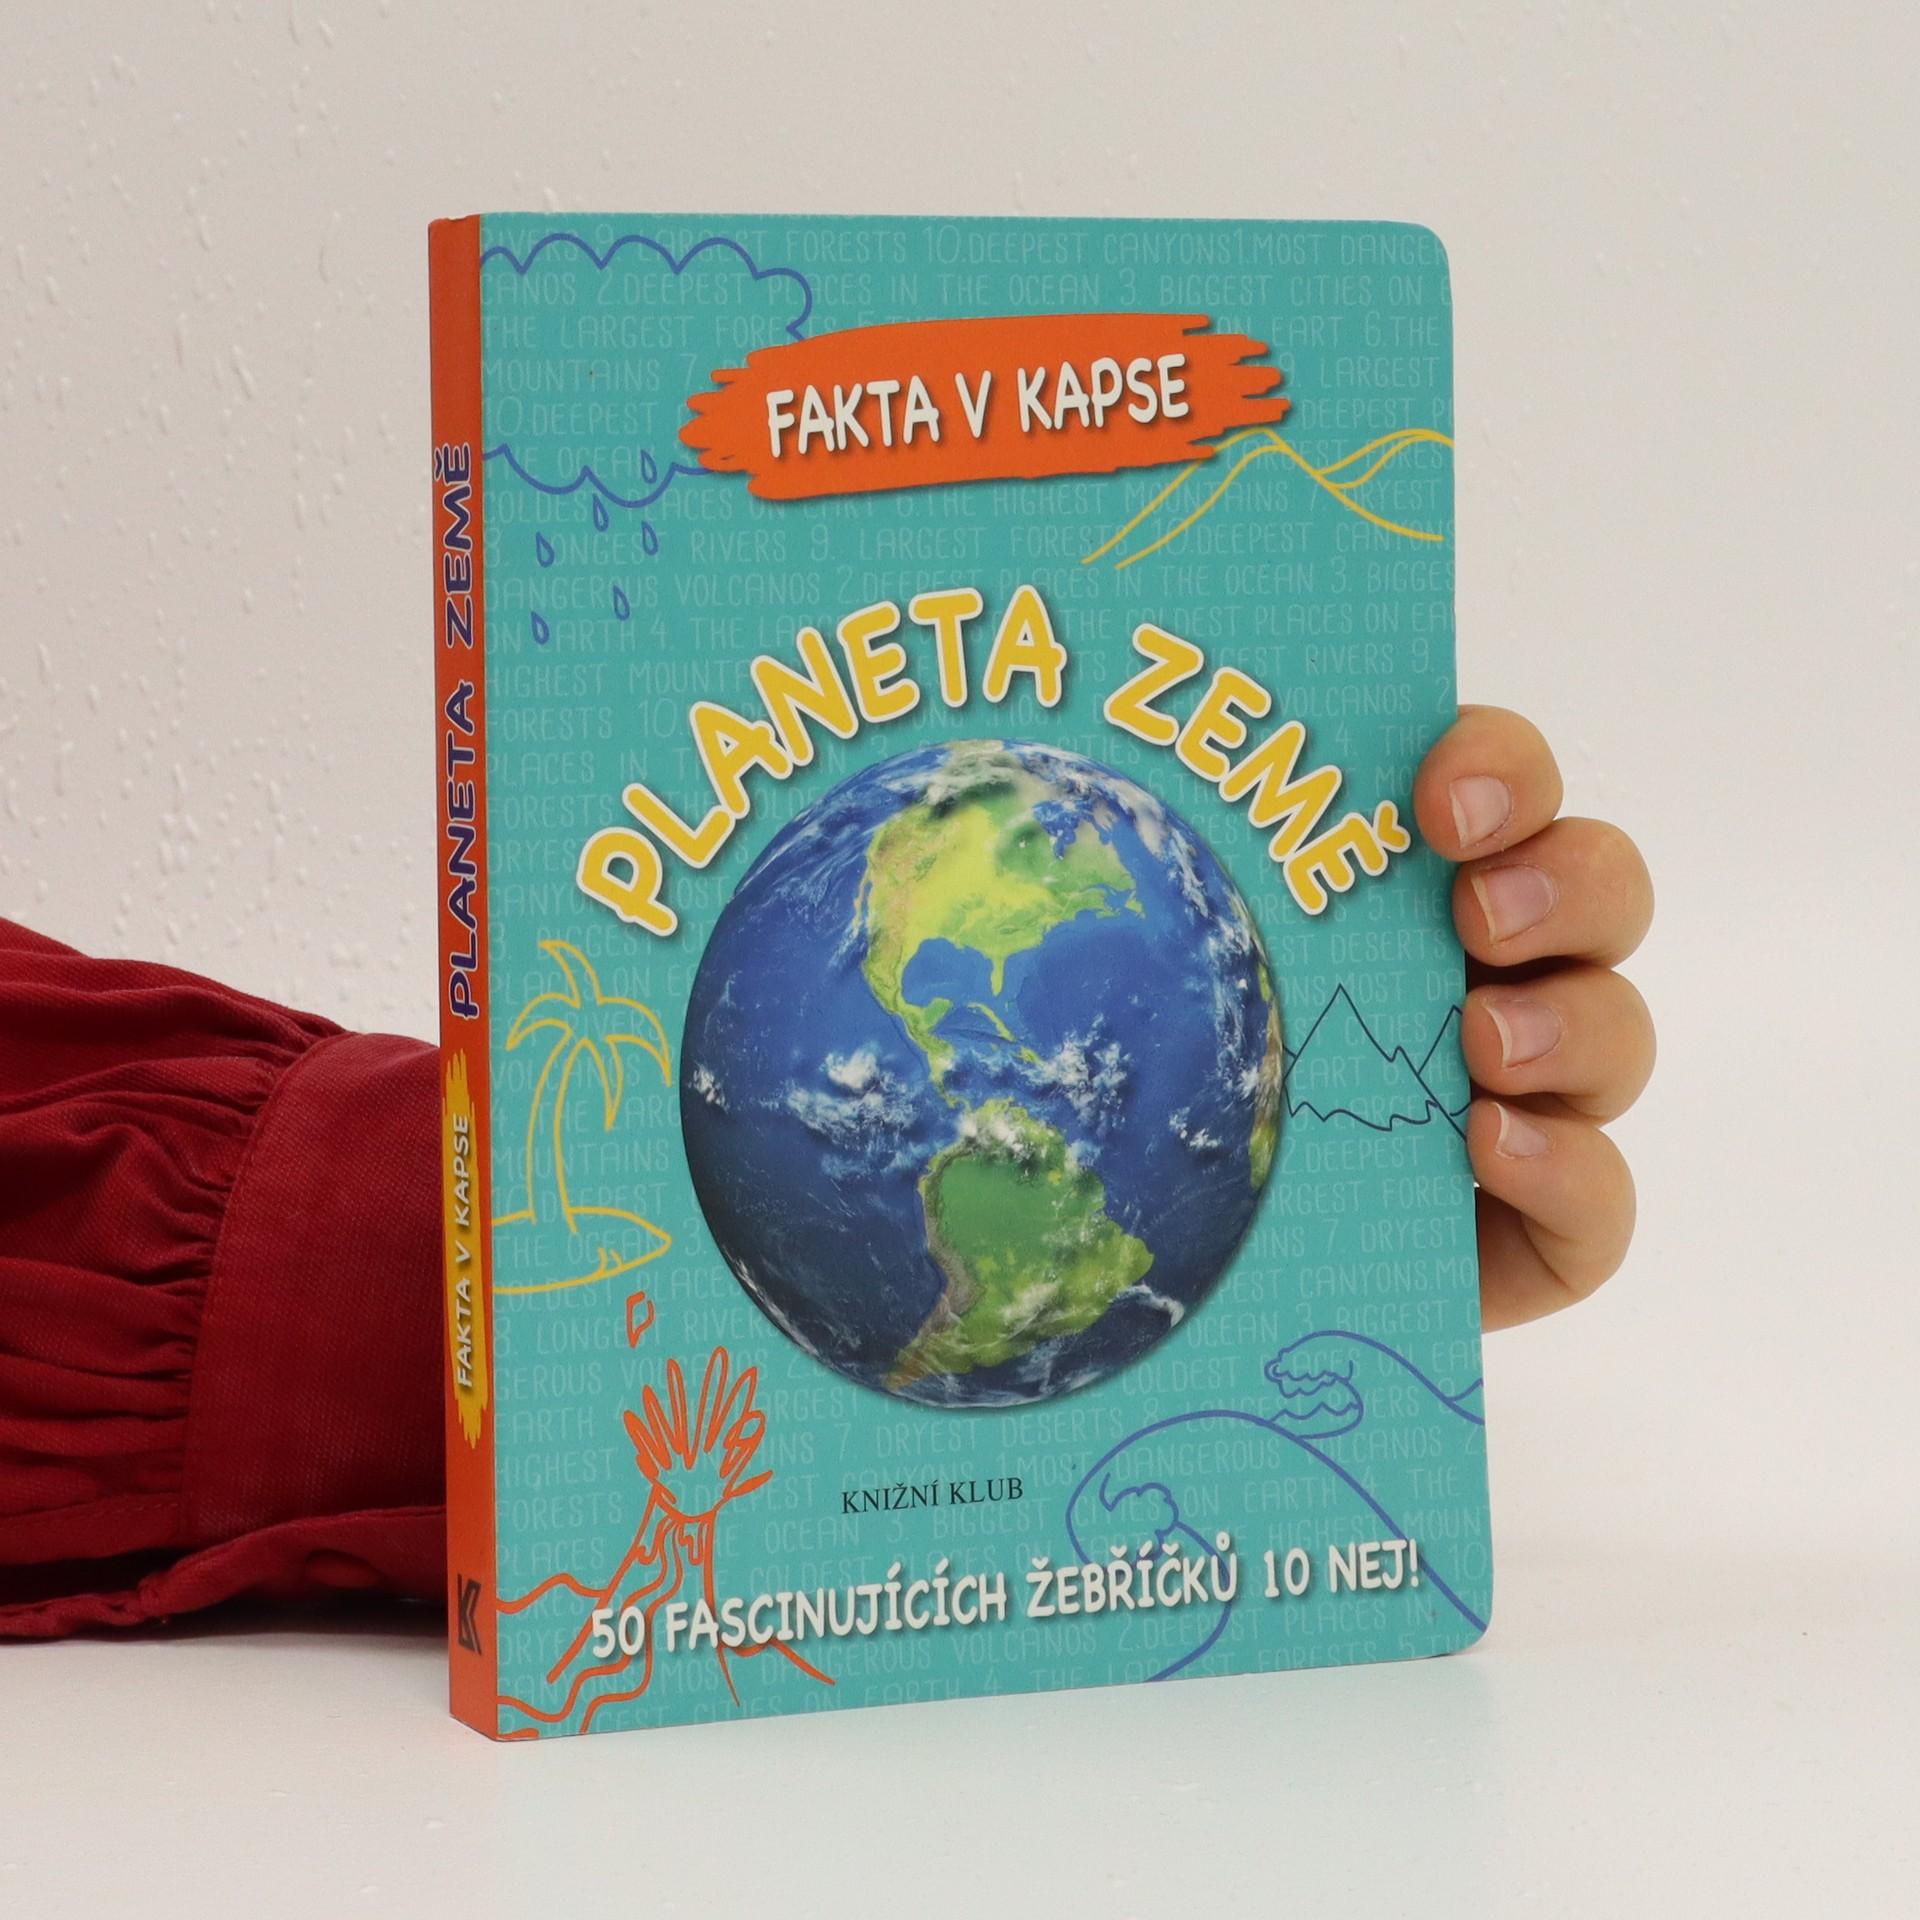 antikvární kniha Planeta země, 2016